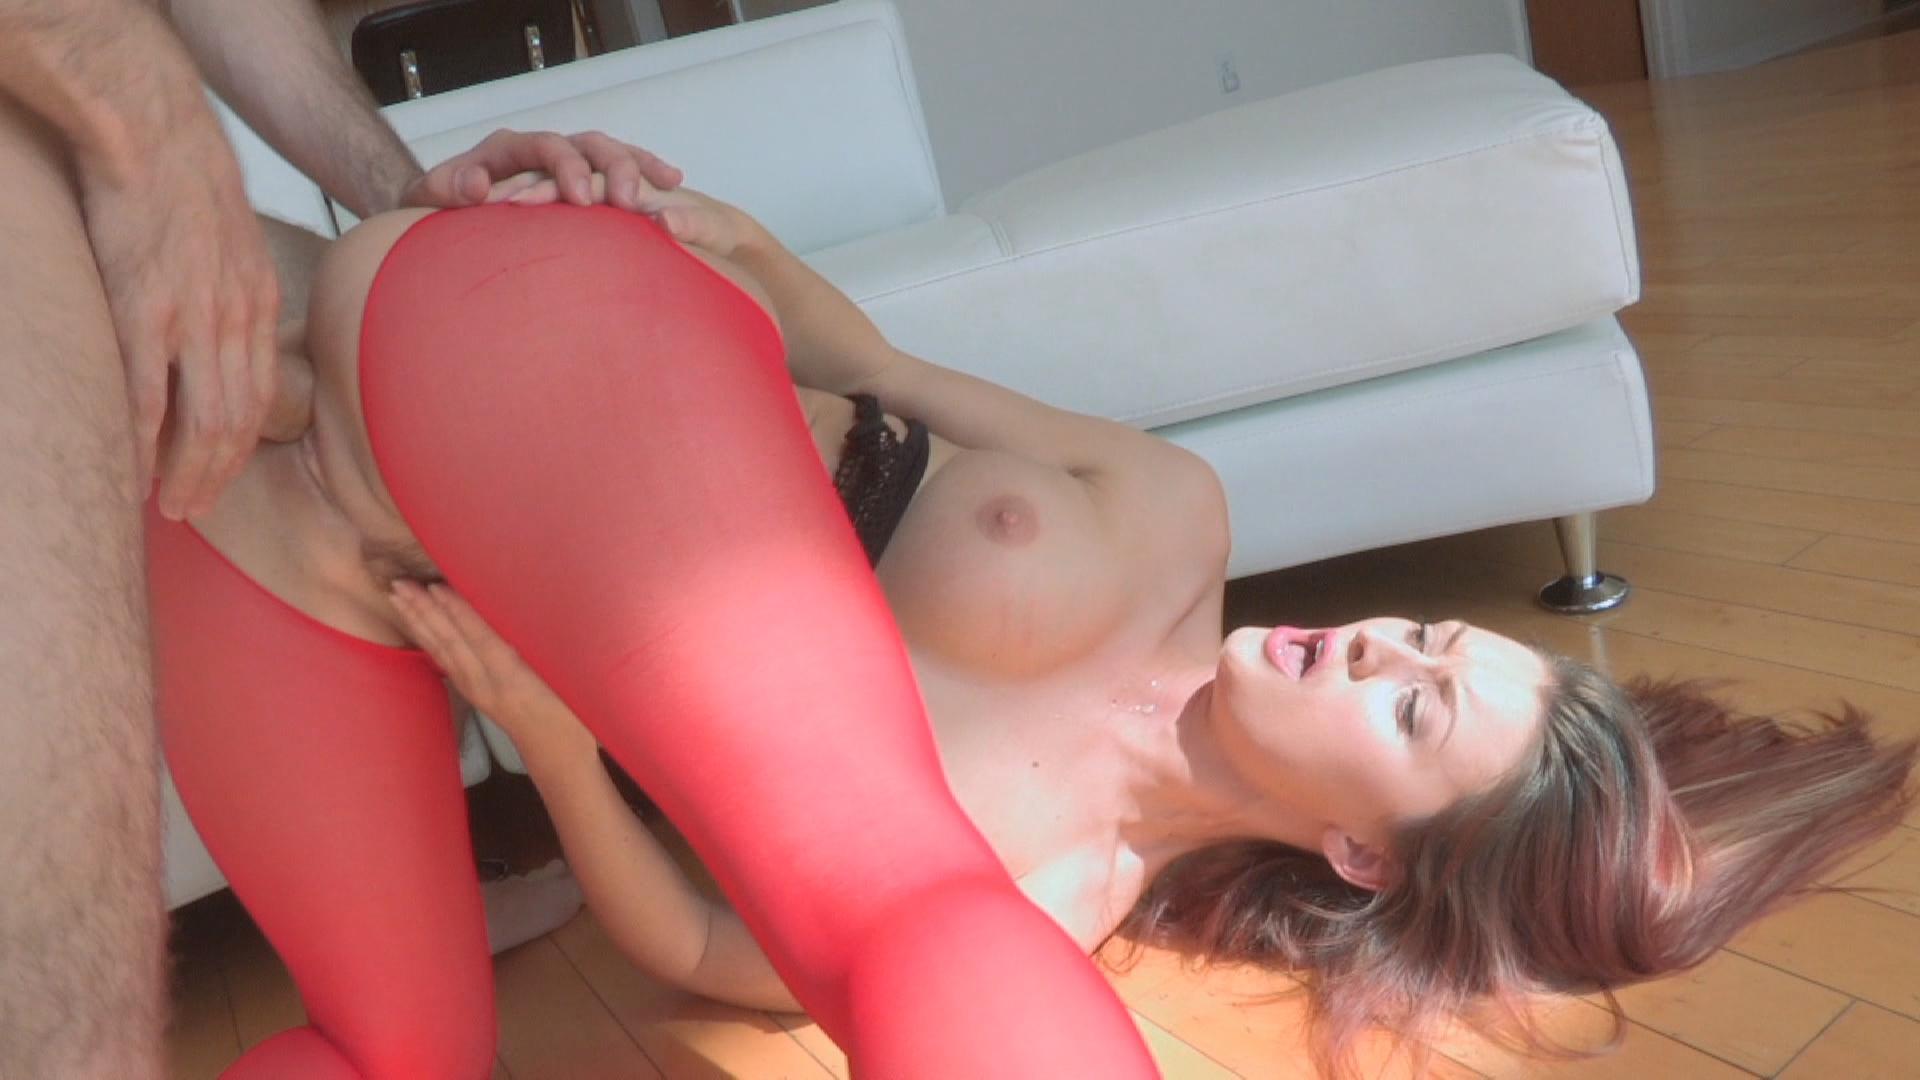 Slutty And Sluttier 22 xvideos178817